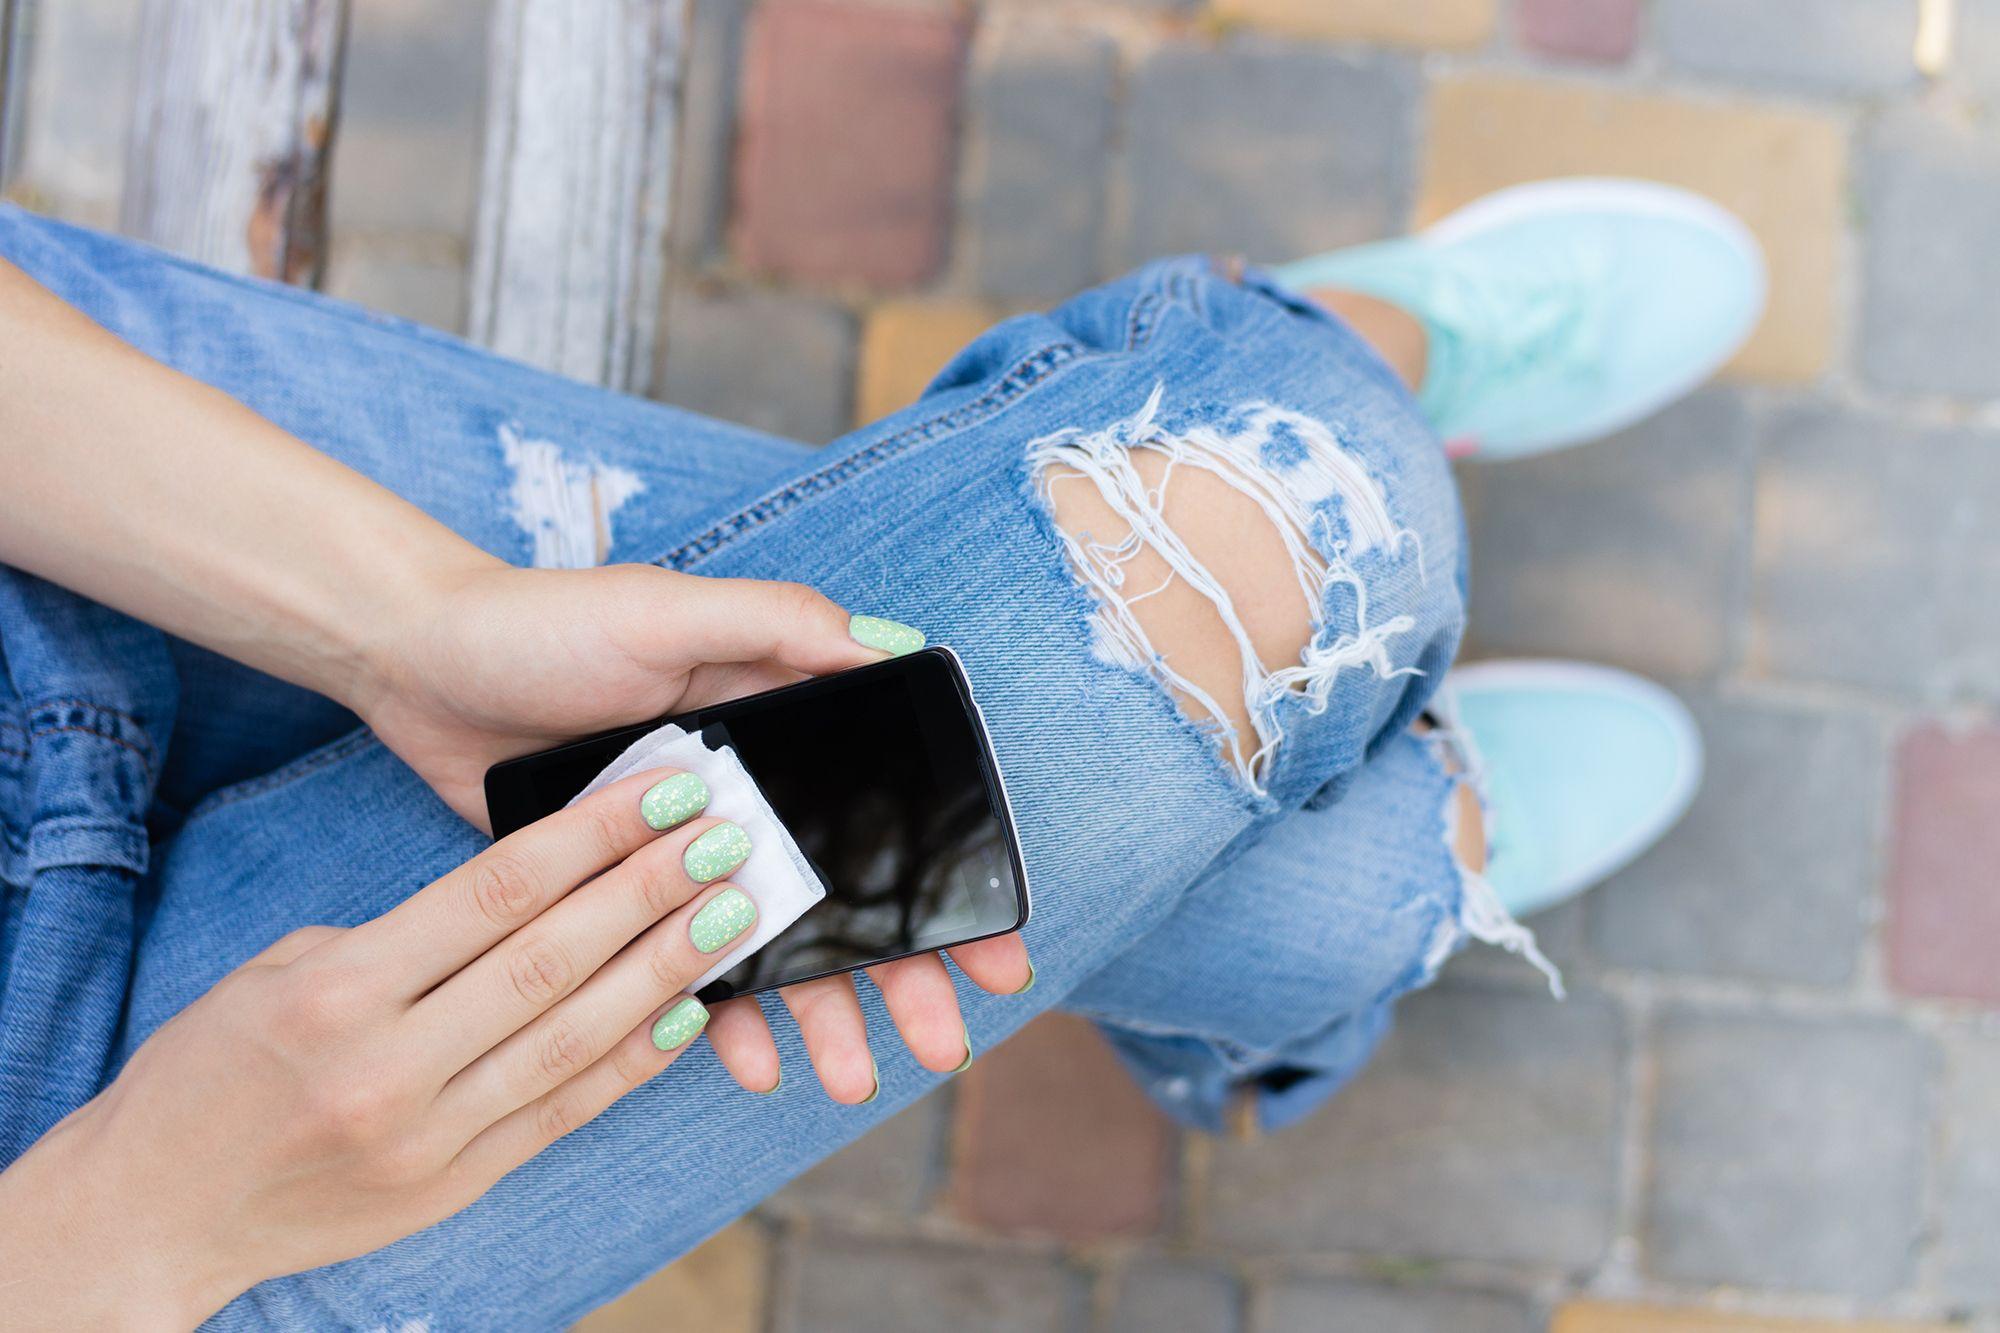 moda pantalones rotos